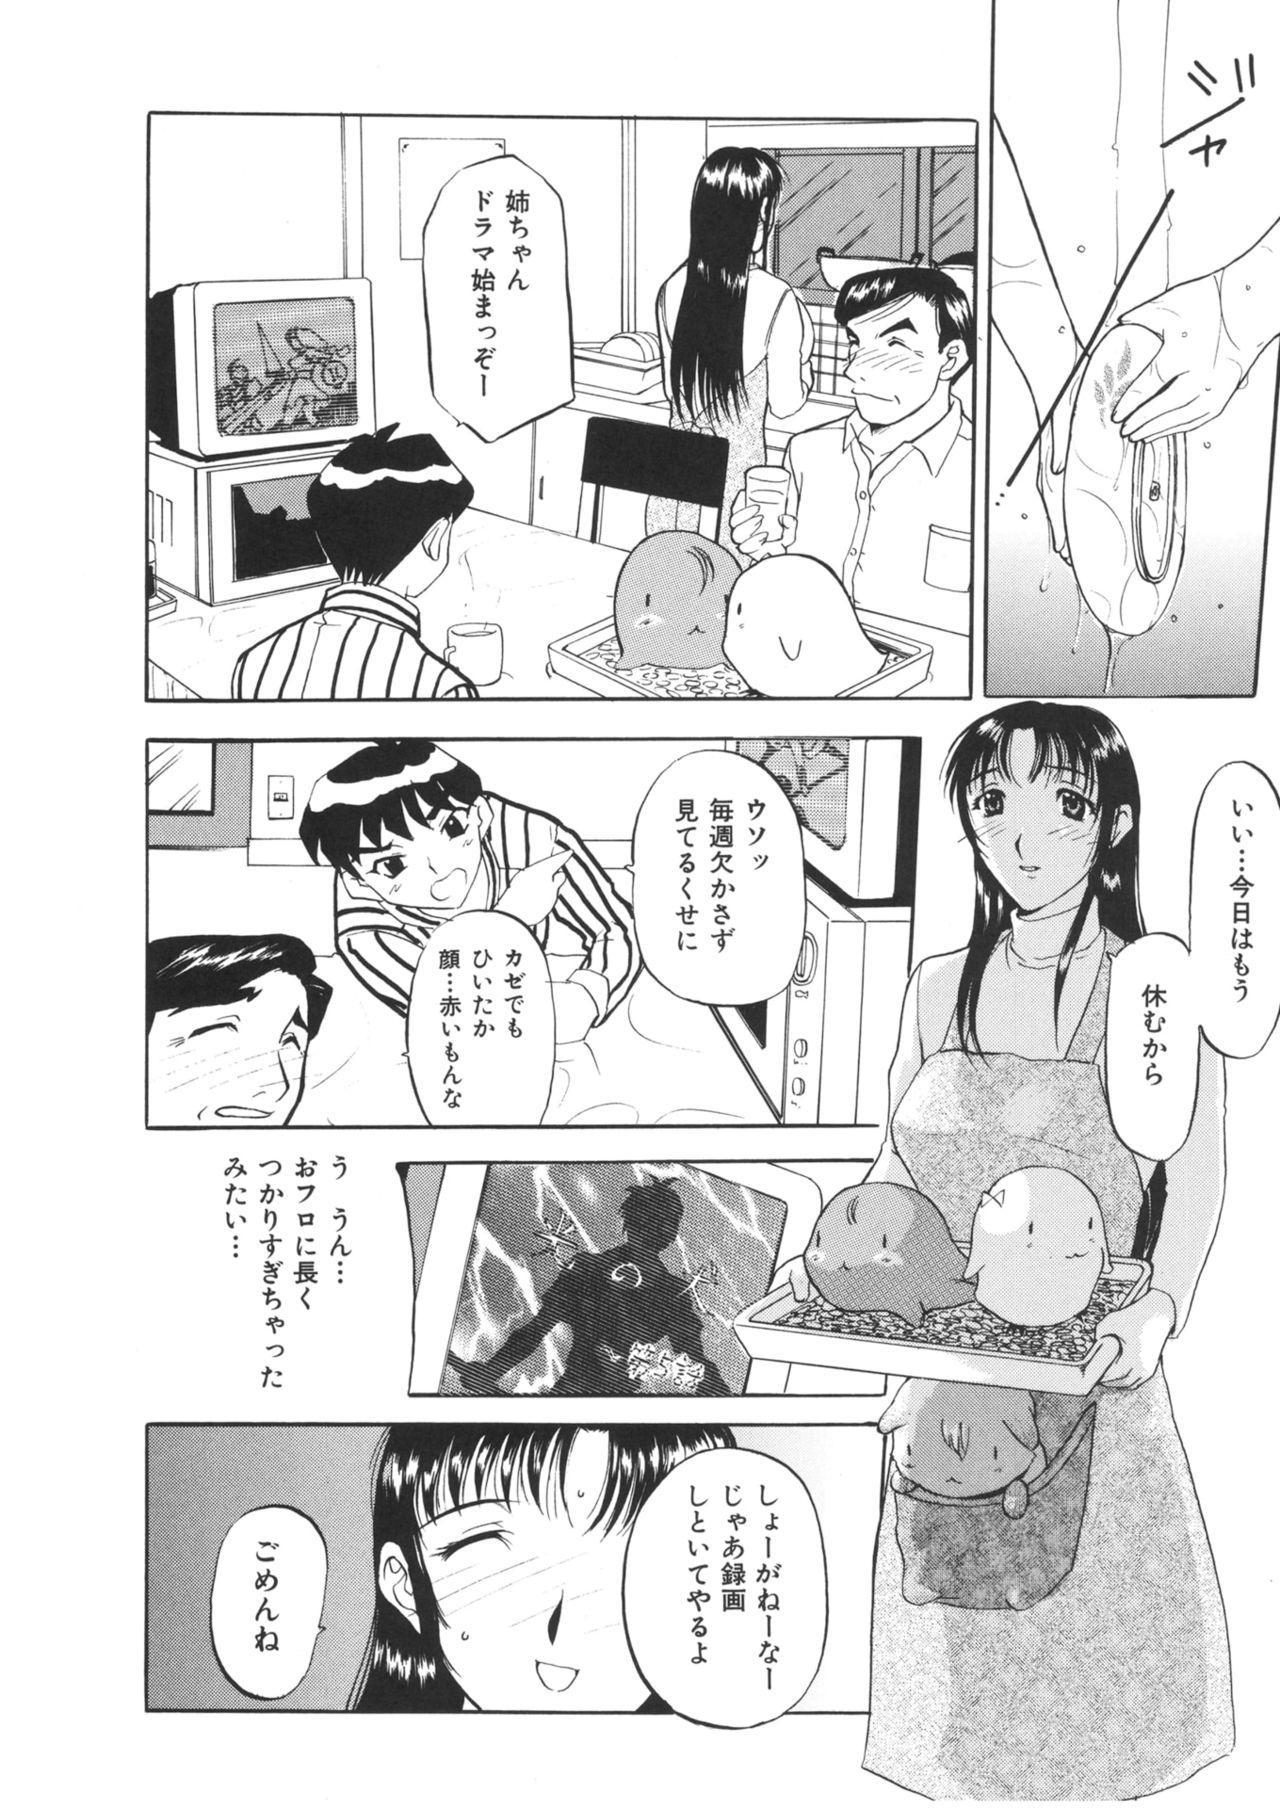 COMIC Kairakuten 25 Shuunen kinen tokubetsugou 83